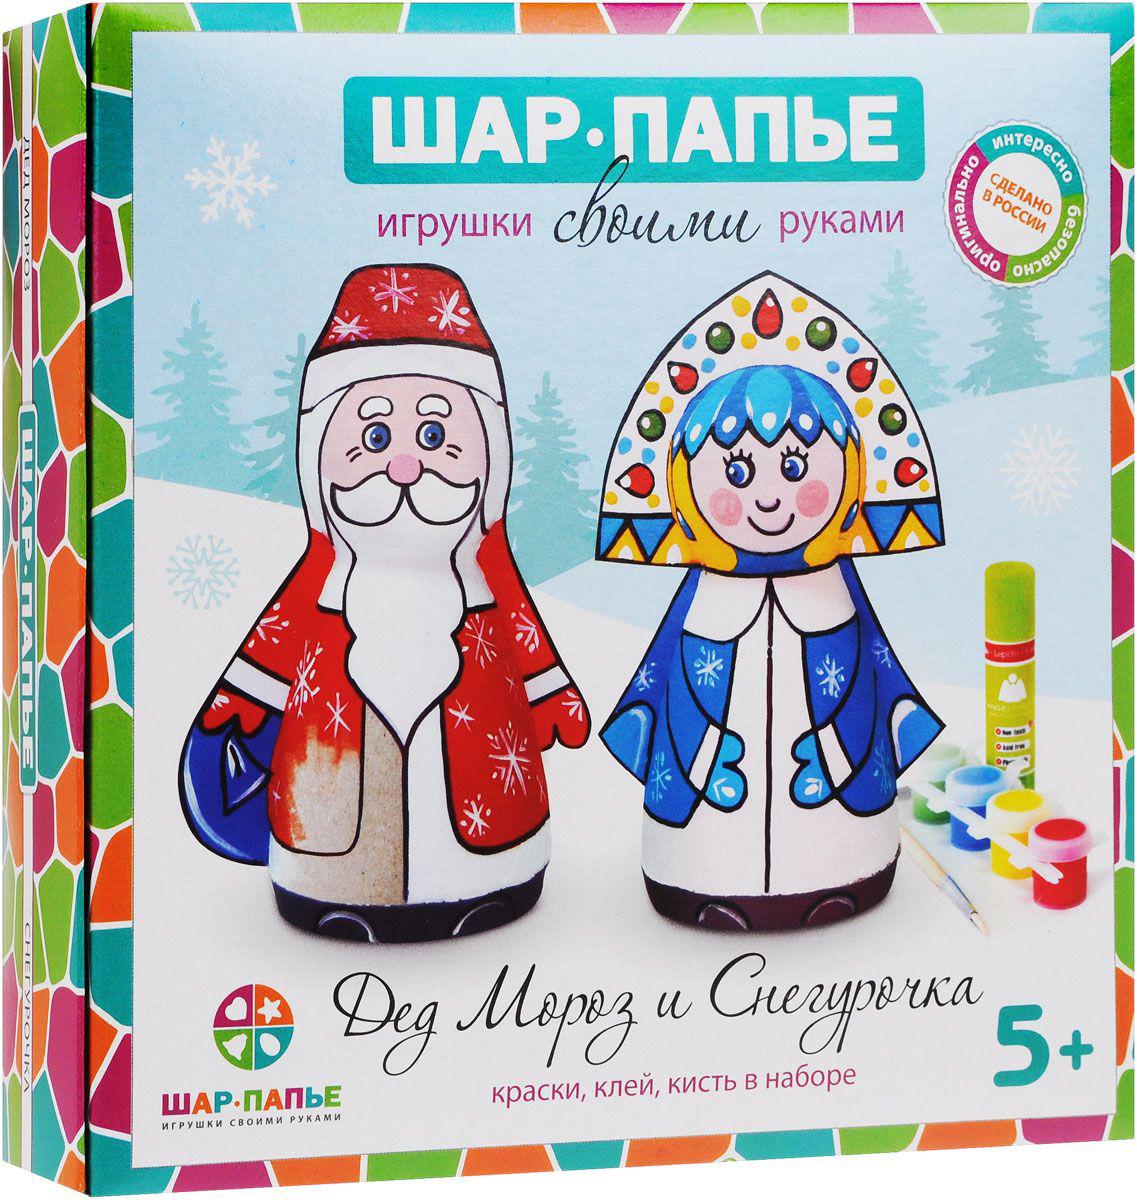 Набор Шар-Папье - Дед Мороз и СнегурочкаПАПЬЕ-МАШЕ<br>Набор Шар-Папье - Дед Мороз и Снегурочка<br>